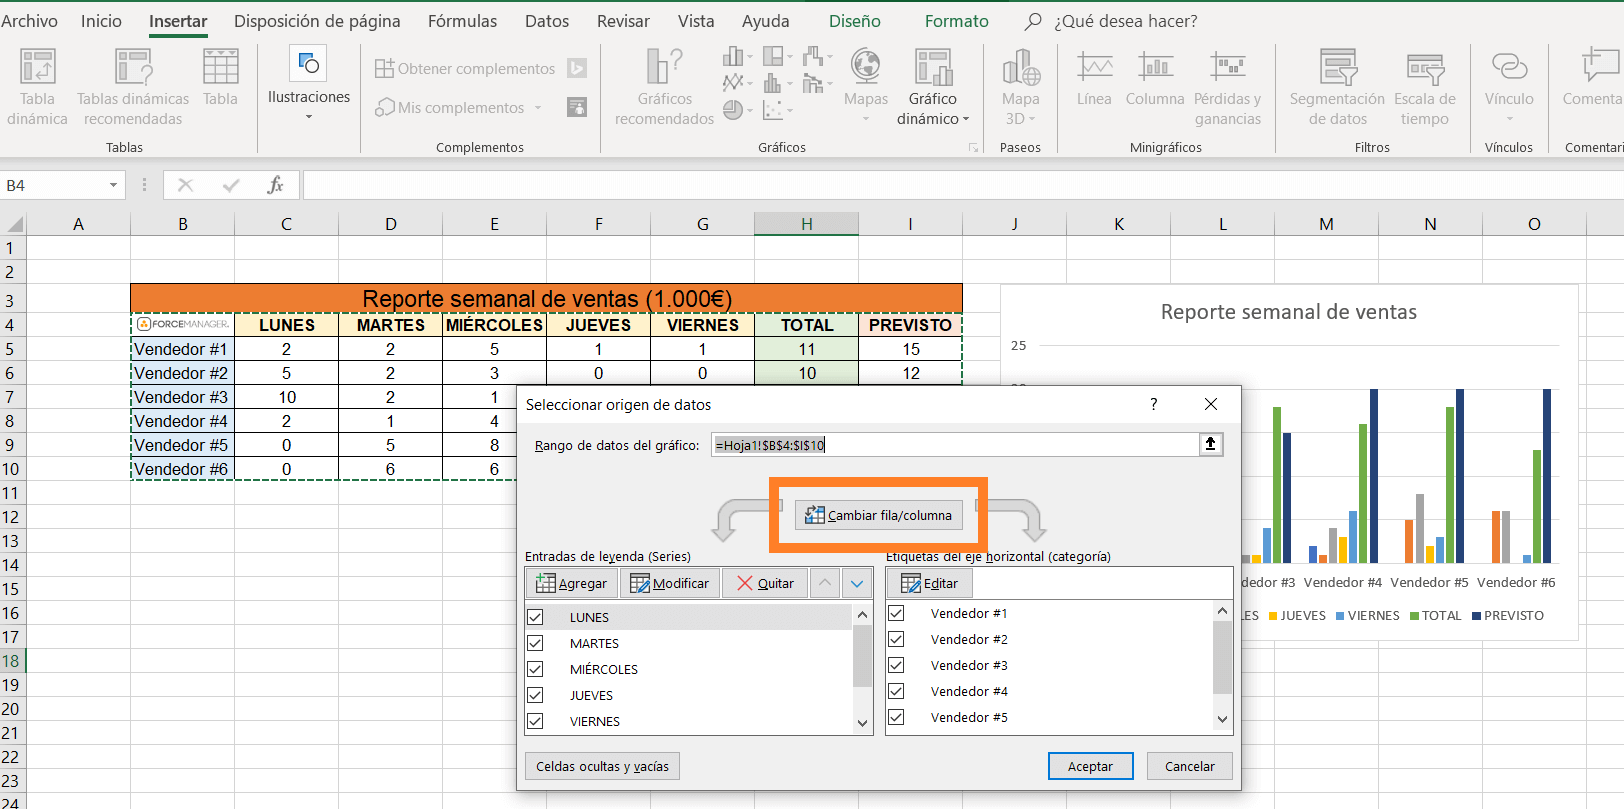 Como hacer un reporte de ventas grafica 2